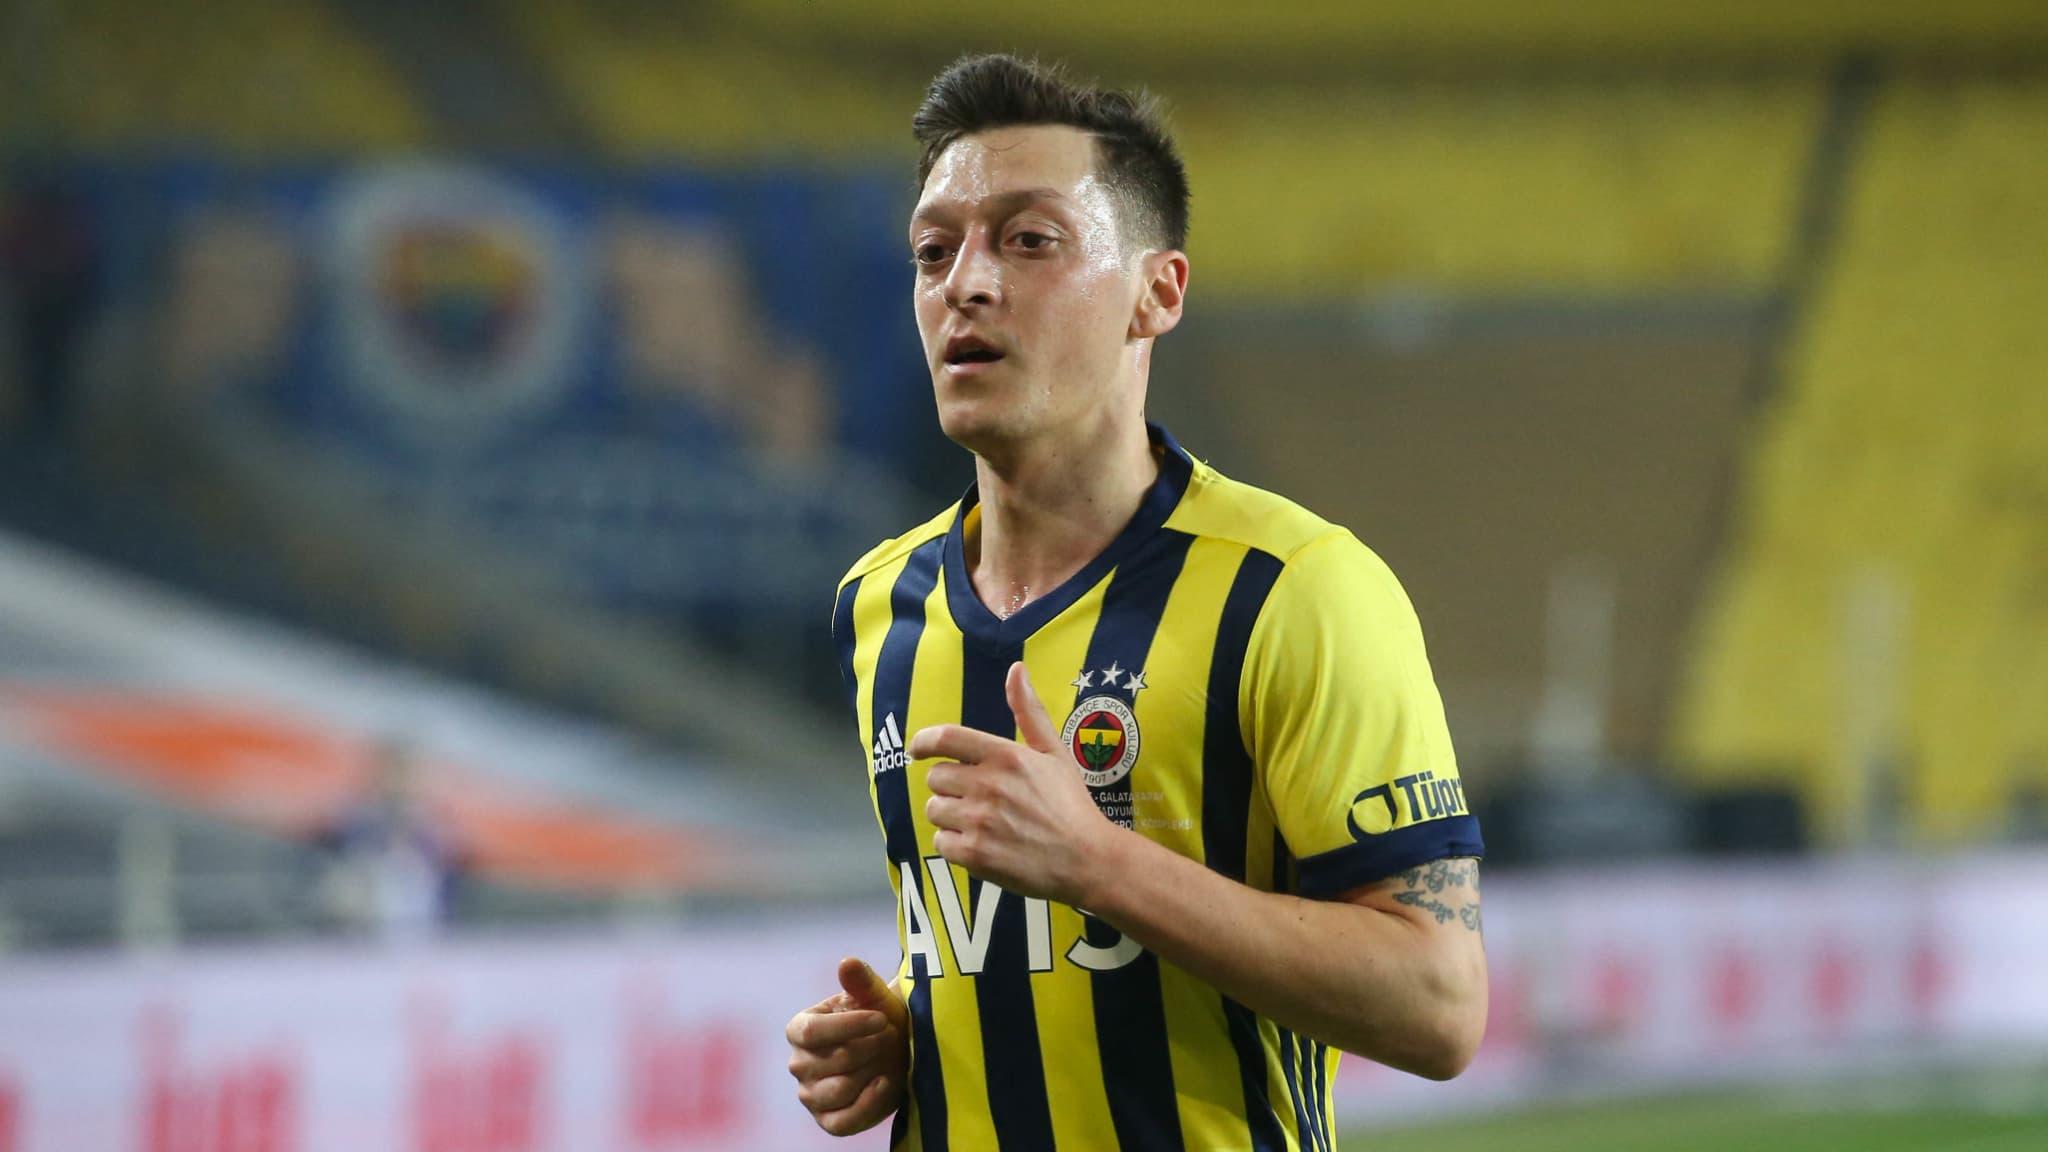 Turquie: les débuts très difficiles d'Özil avec Fenerbahçe